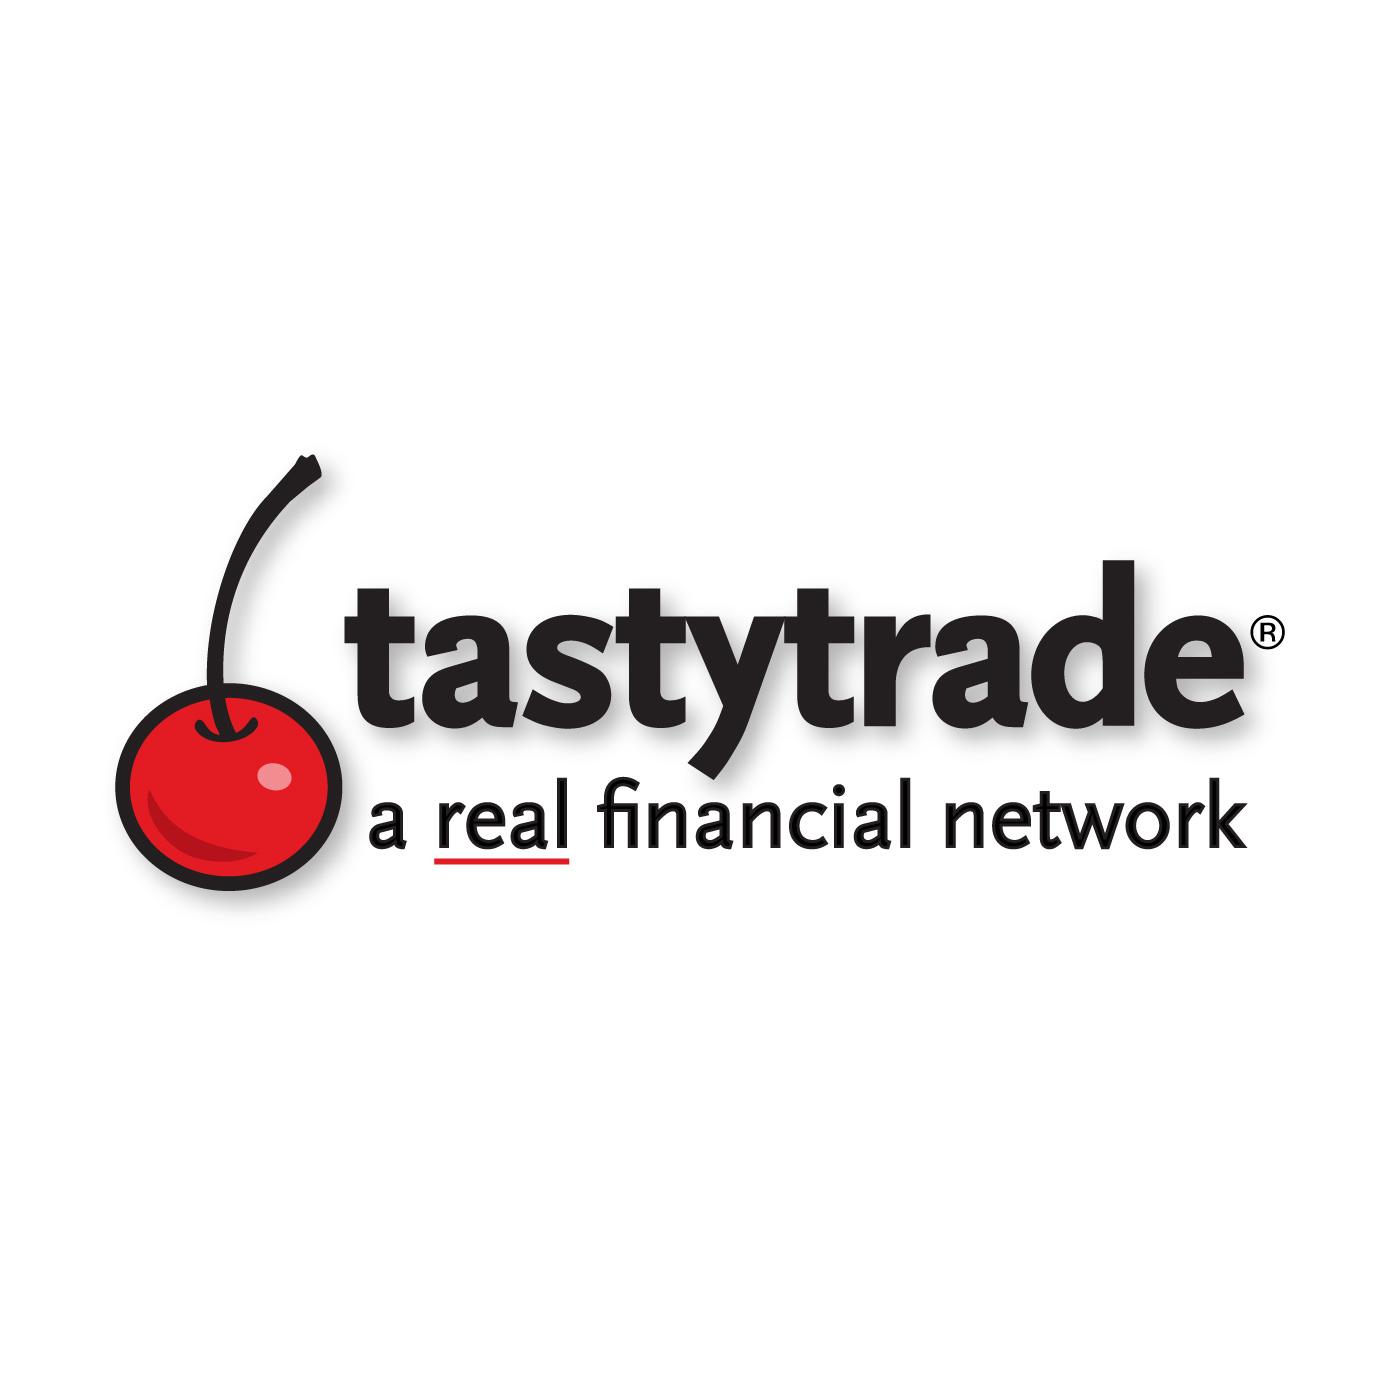 The full tastytrade network